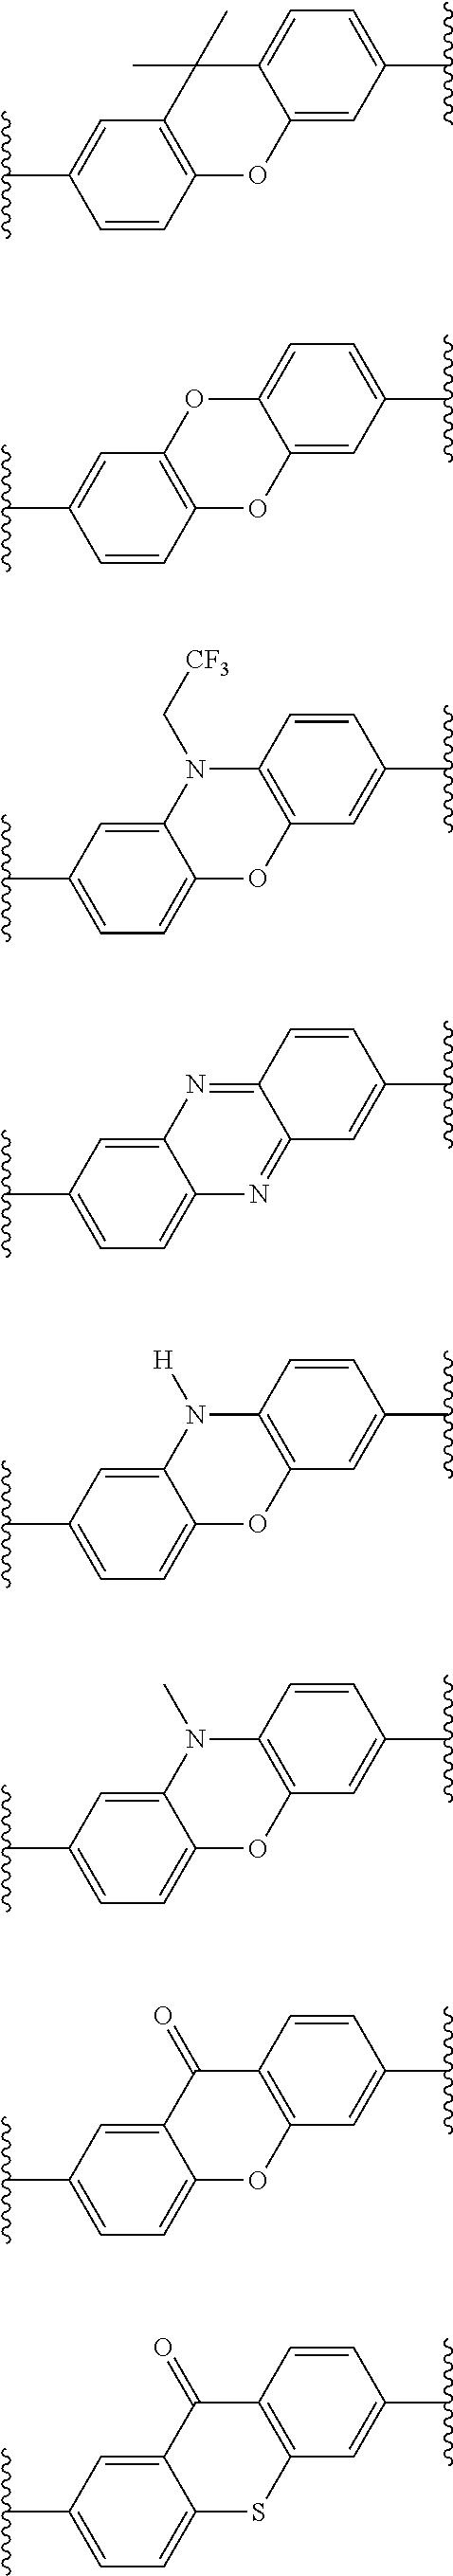 Figure US09511056-20161206-C00194